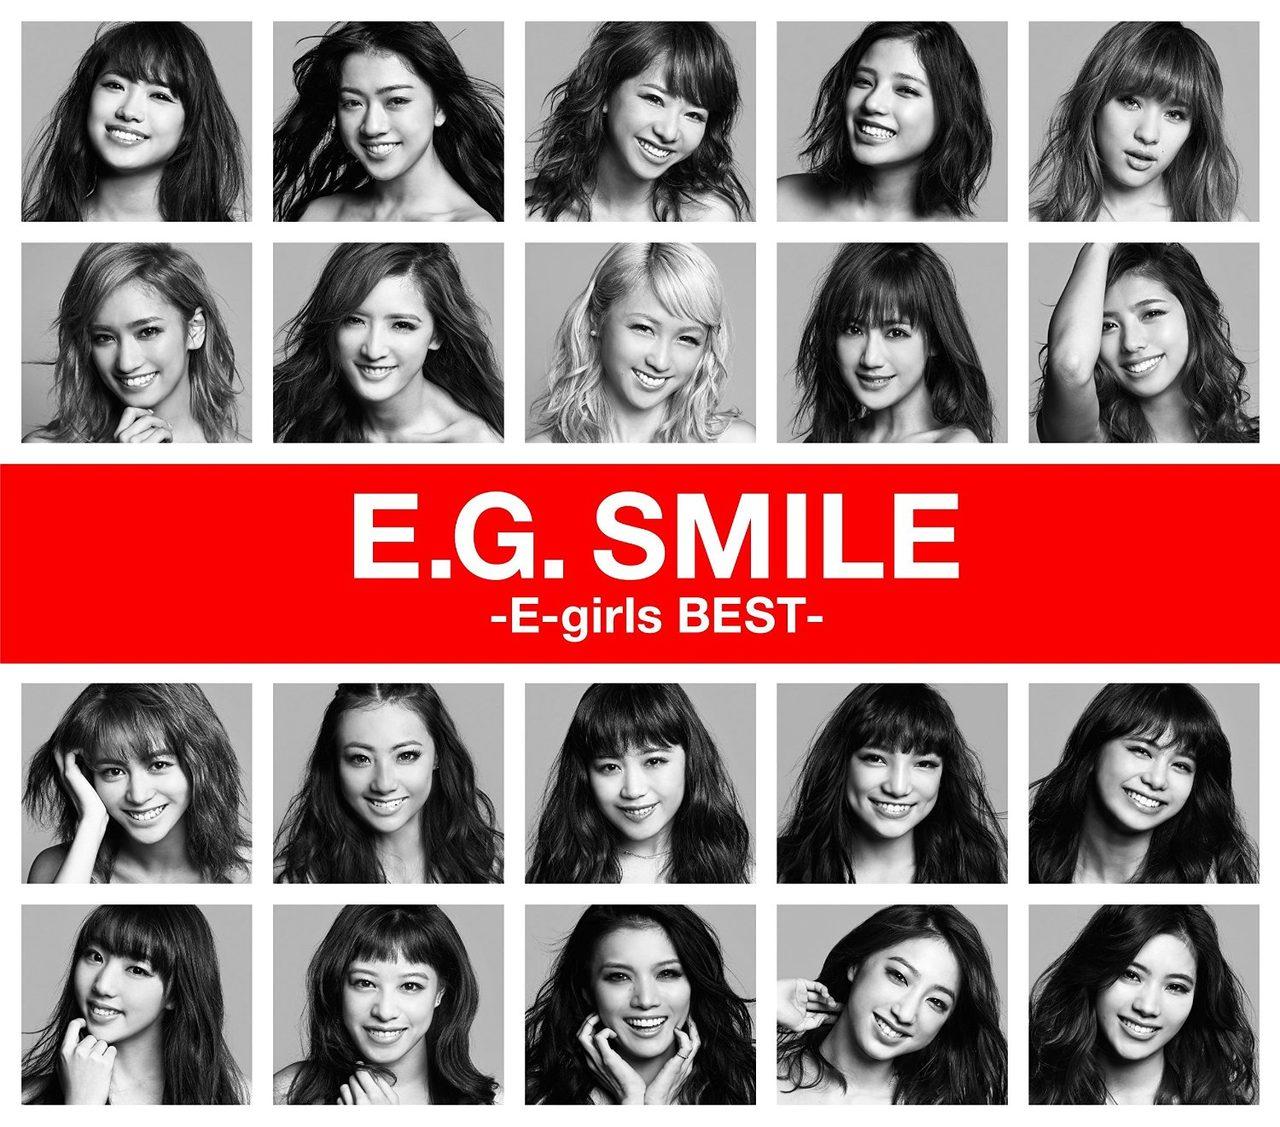 画像: ココロオドル、ミュージック 『E.G. SMILE - E-girls BEST -』E-girls